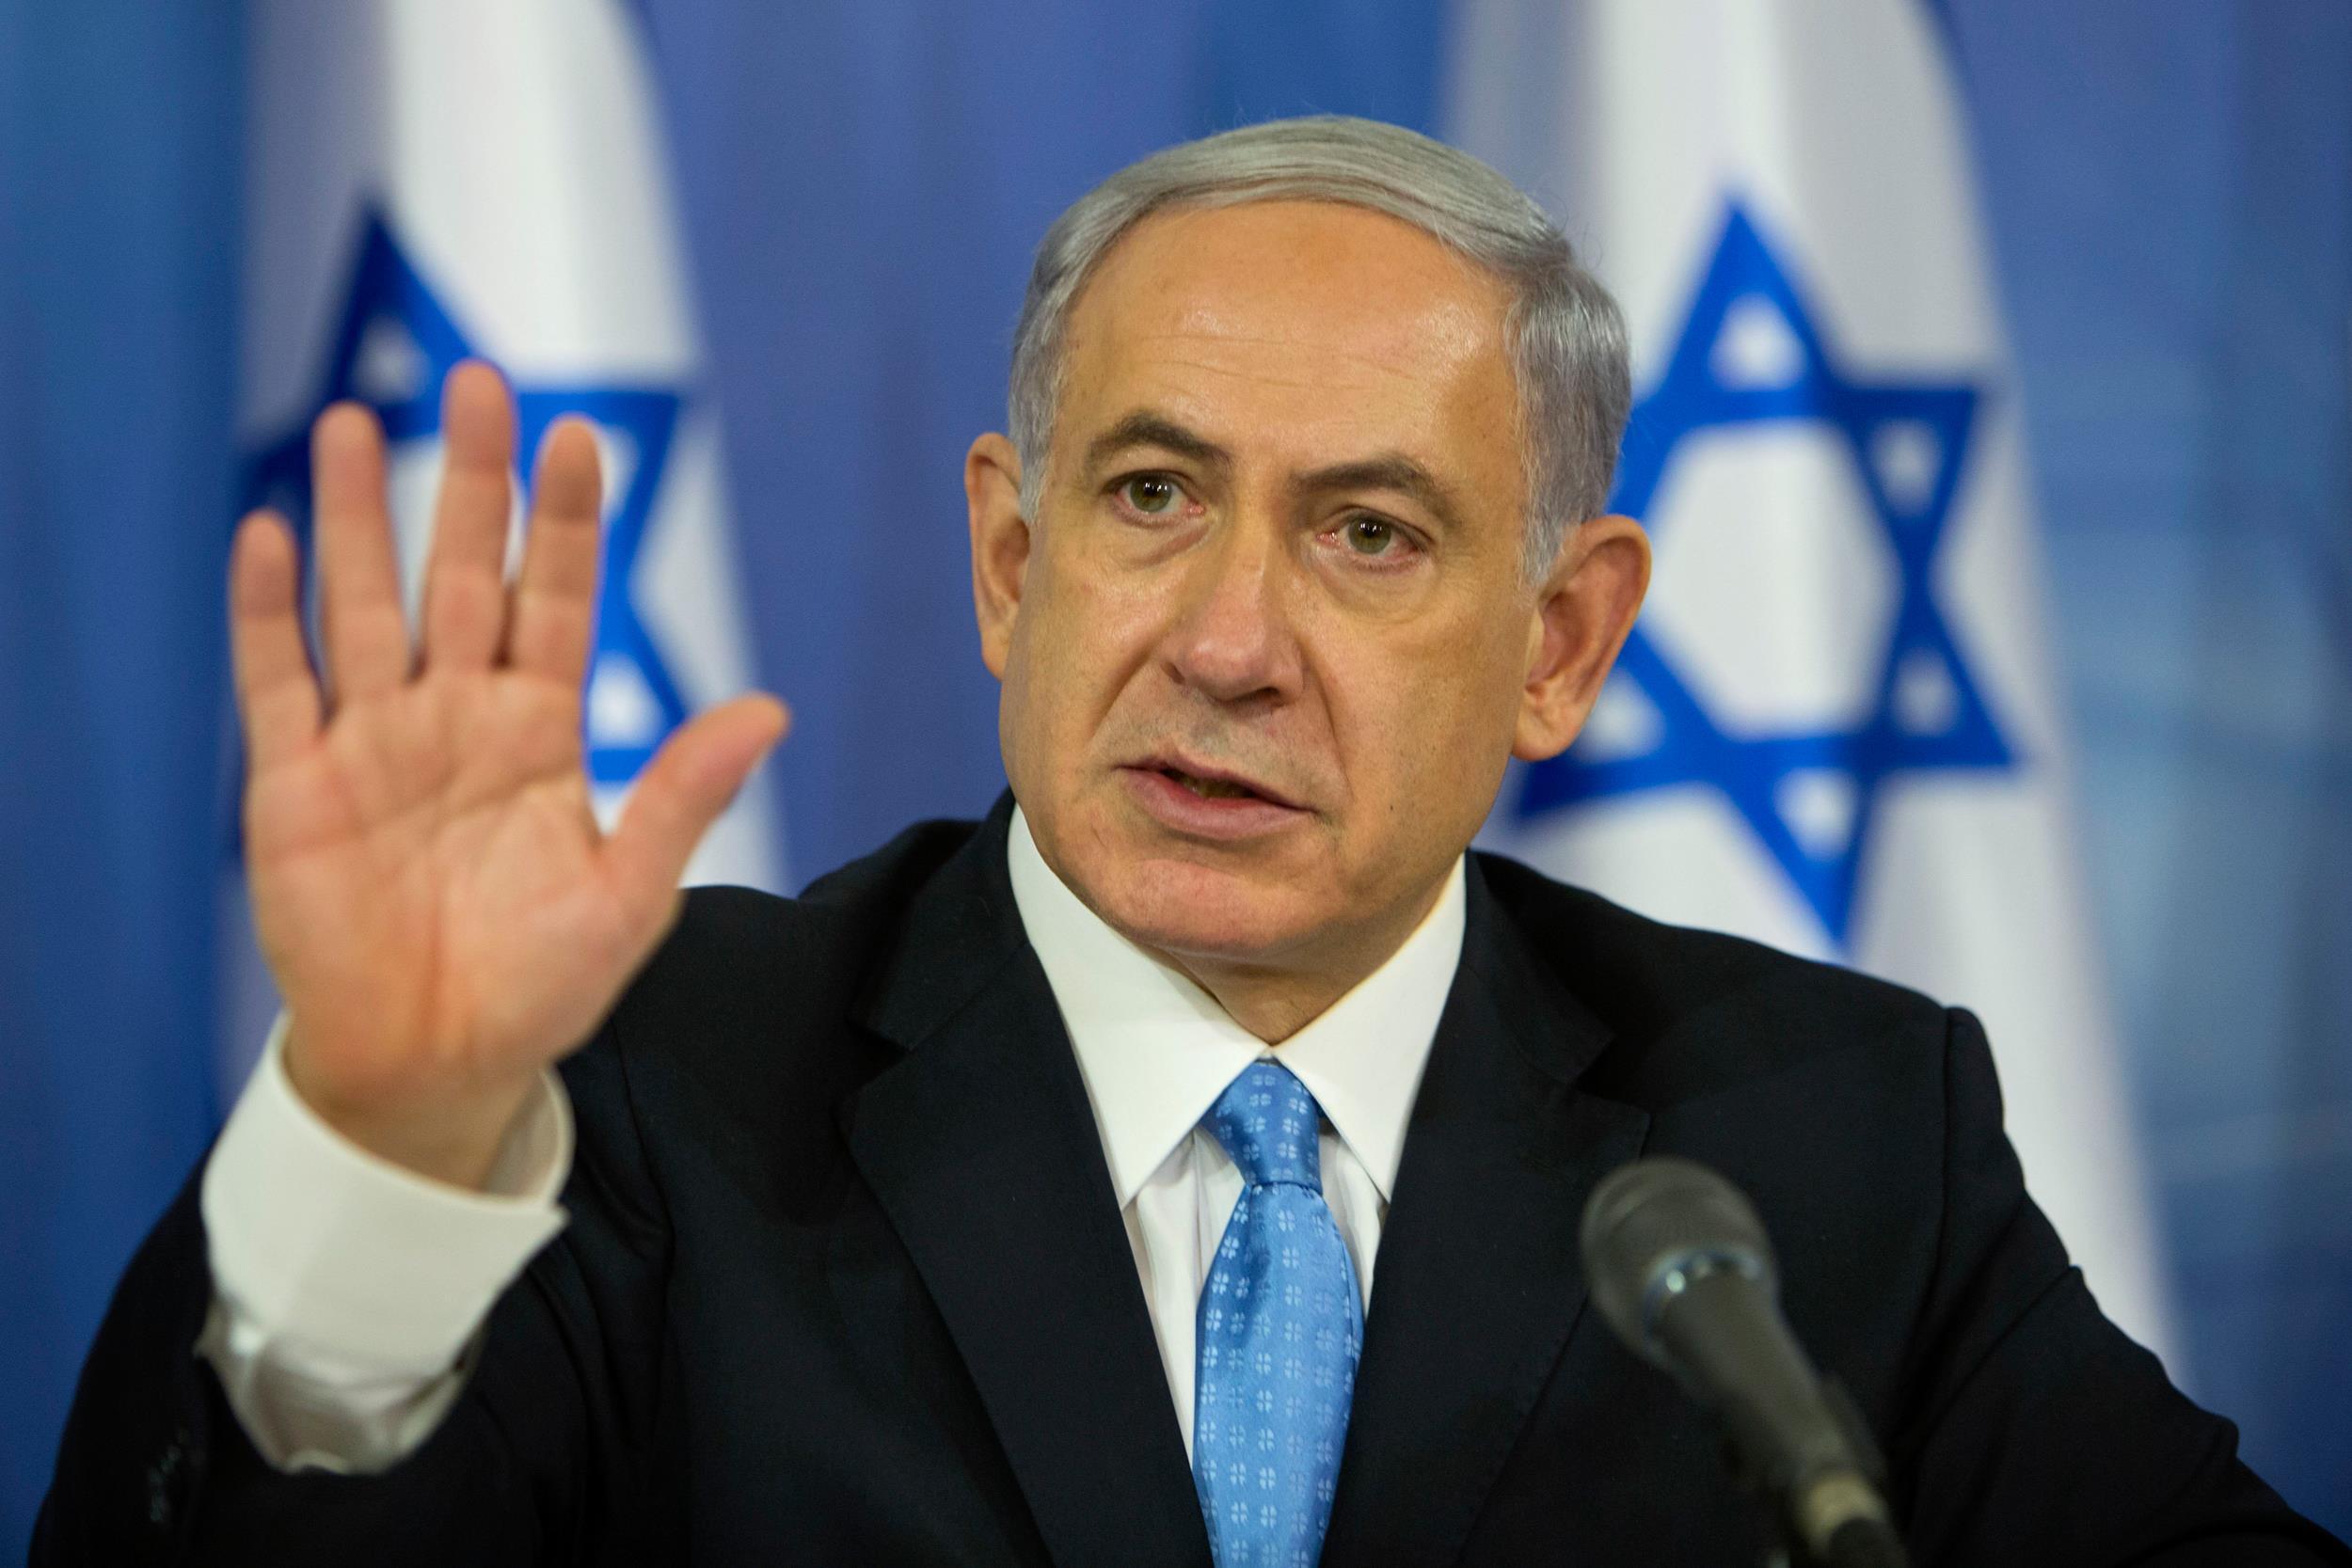 """Nucleare iraniano, Israele contro l'accordo raggiunto dai 5+1 e Iran. Il Premier Netanyahu: """"La sopravvivenza di Israele non è negoziabile"""""""